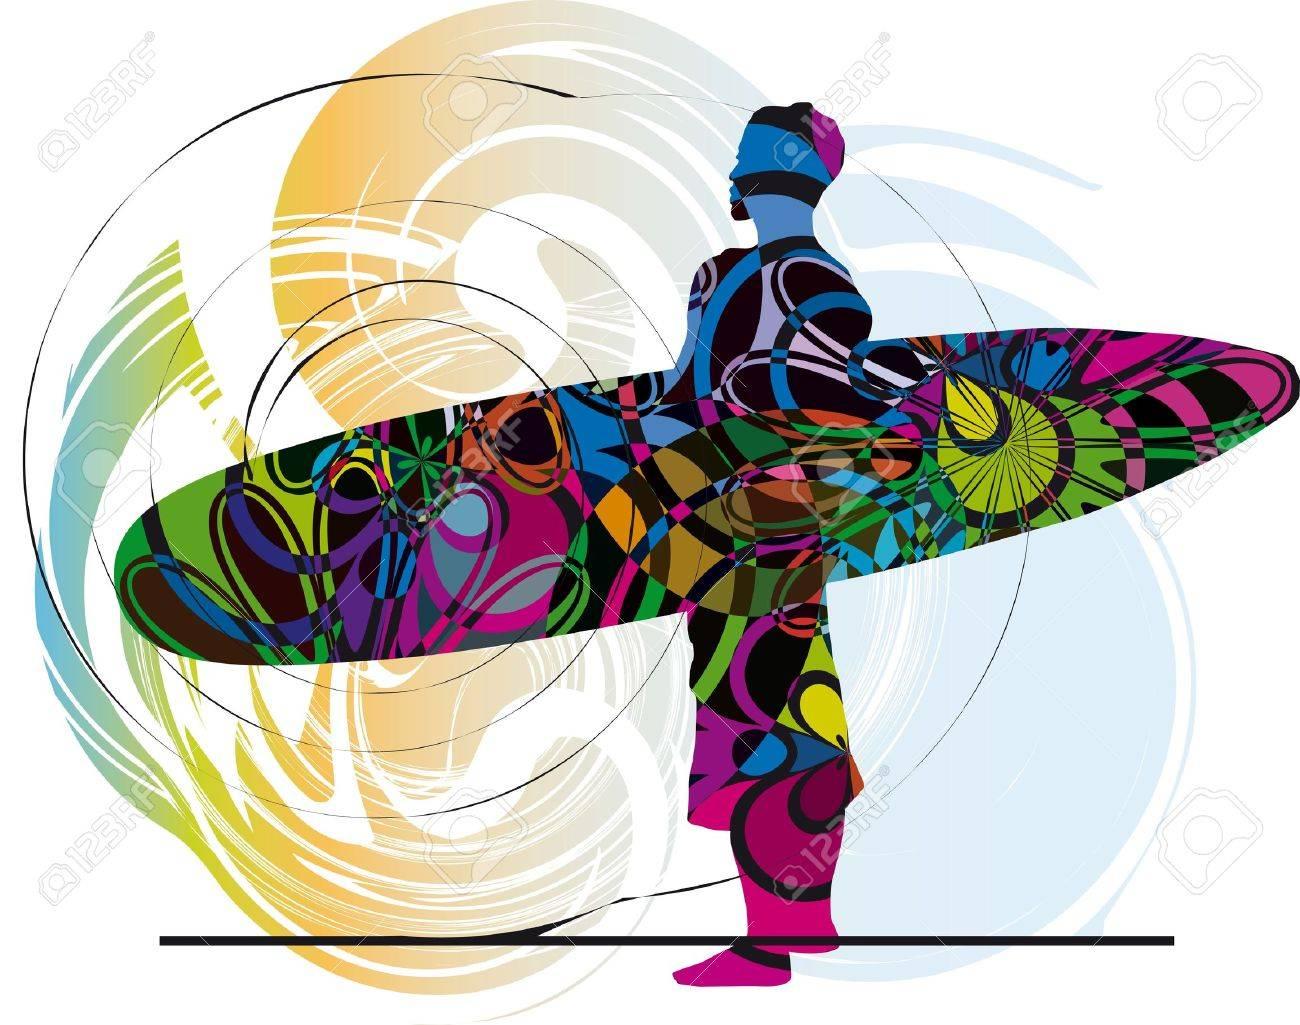 Surfer. Vector illustration Stock Vector - 10739148